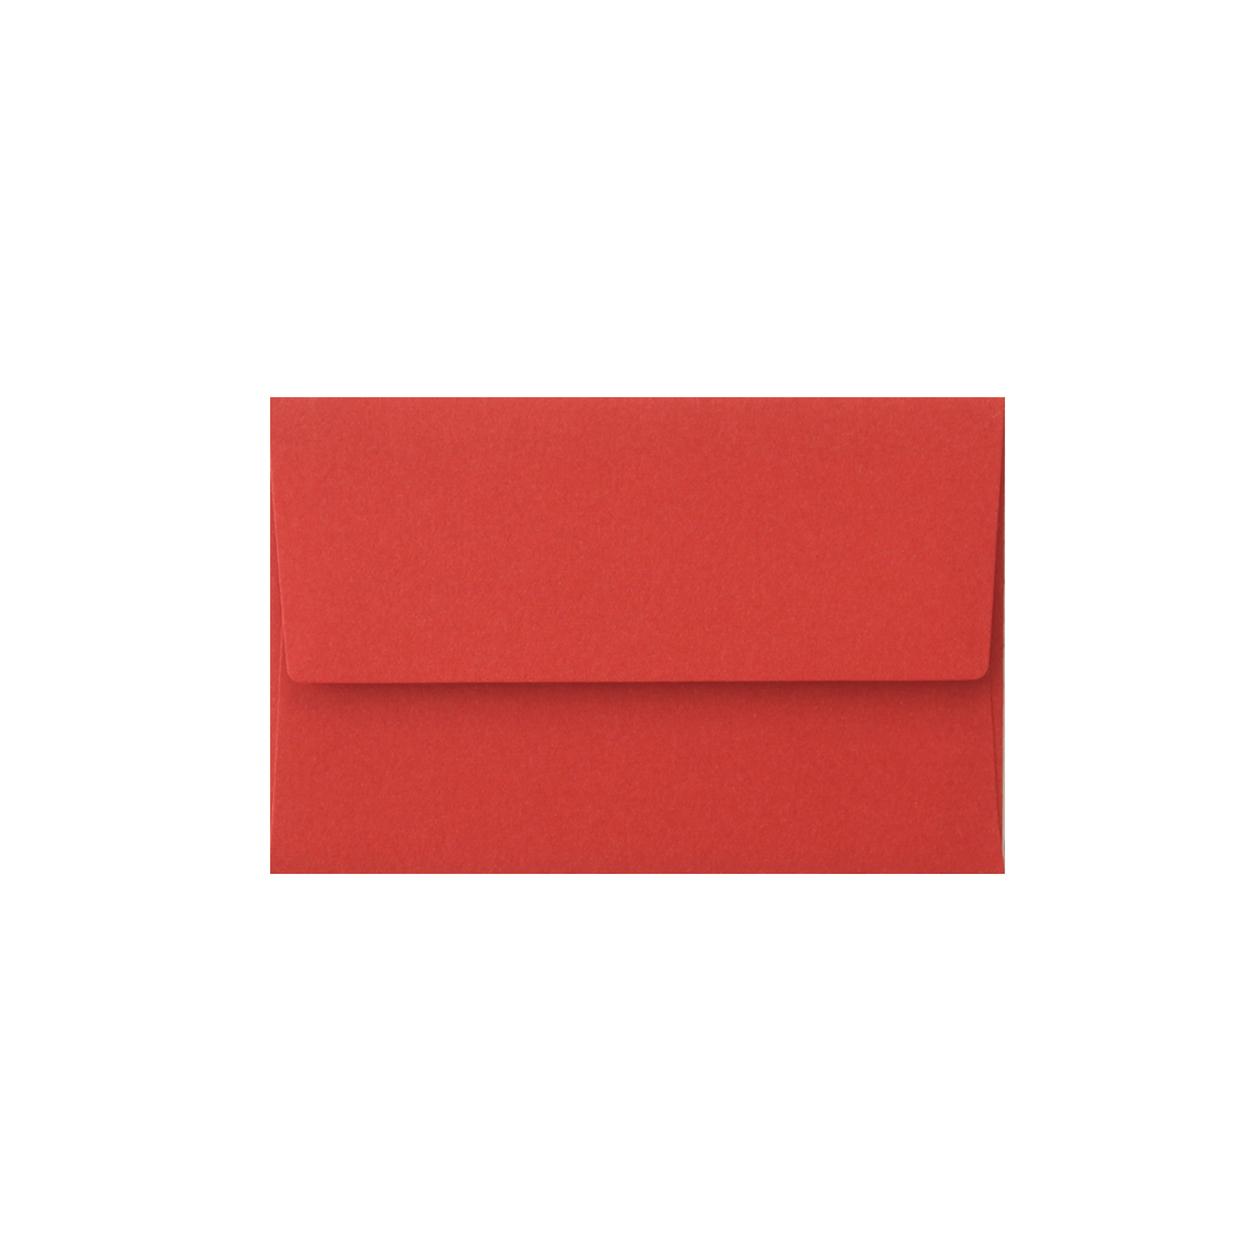 NEカマス封筒 コットン レッド 116.3g